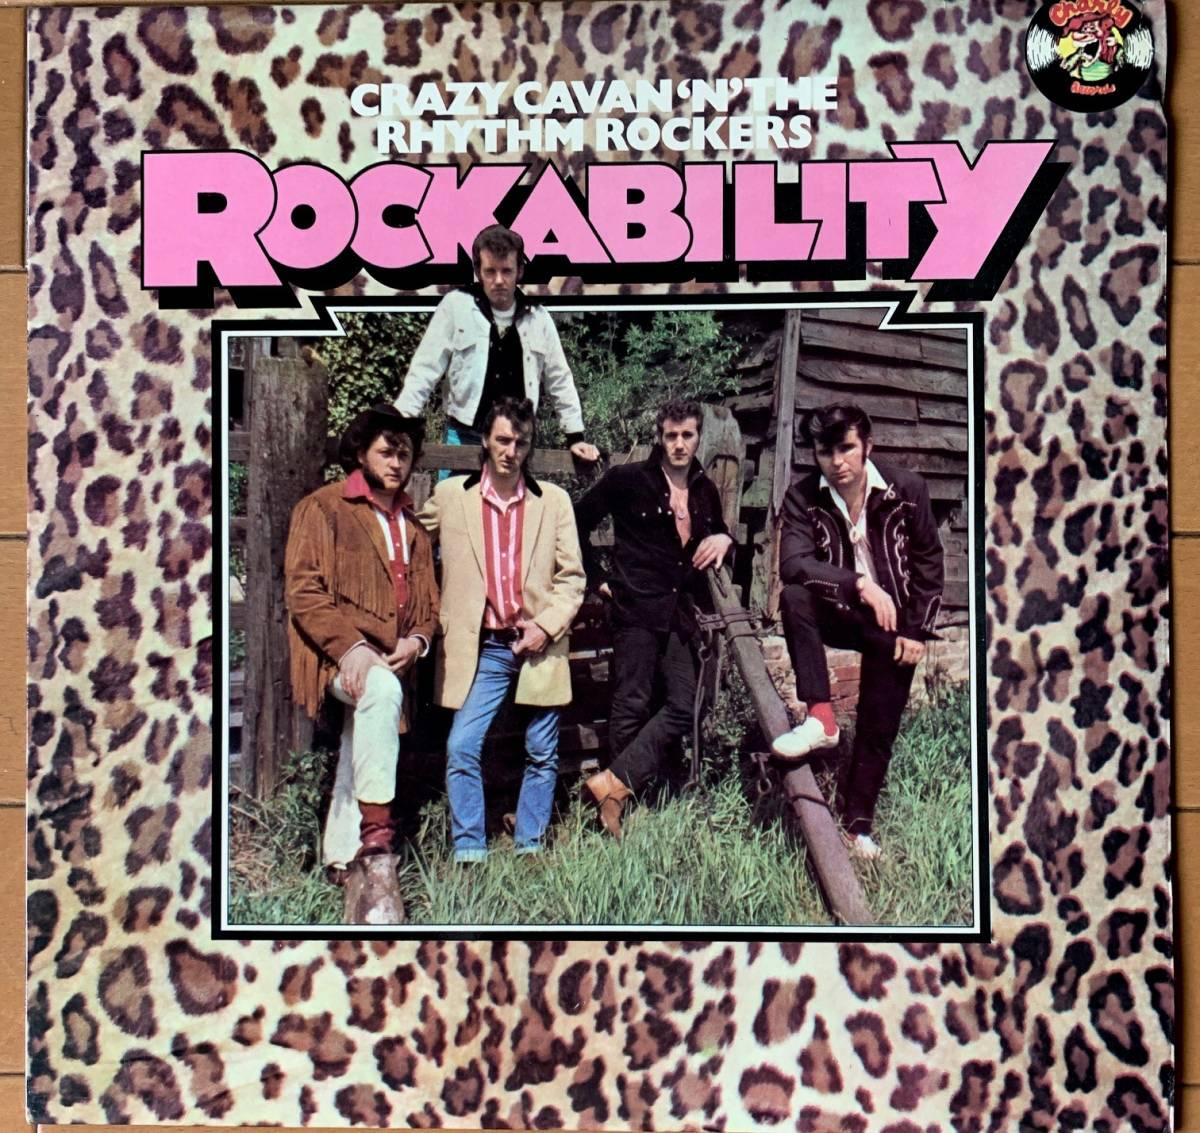 【値下】LP CRAZY CAVAN テッズ ROCKABILITY ロカビリー ネオロカ CHARLY 1976年 TEDS 名盤_画像1